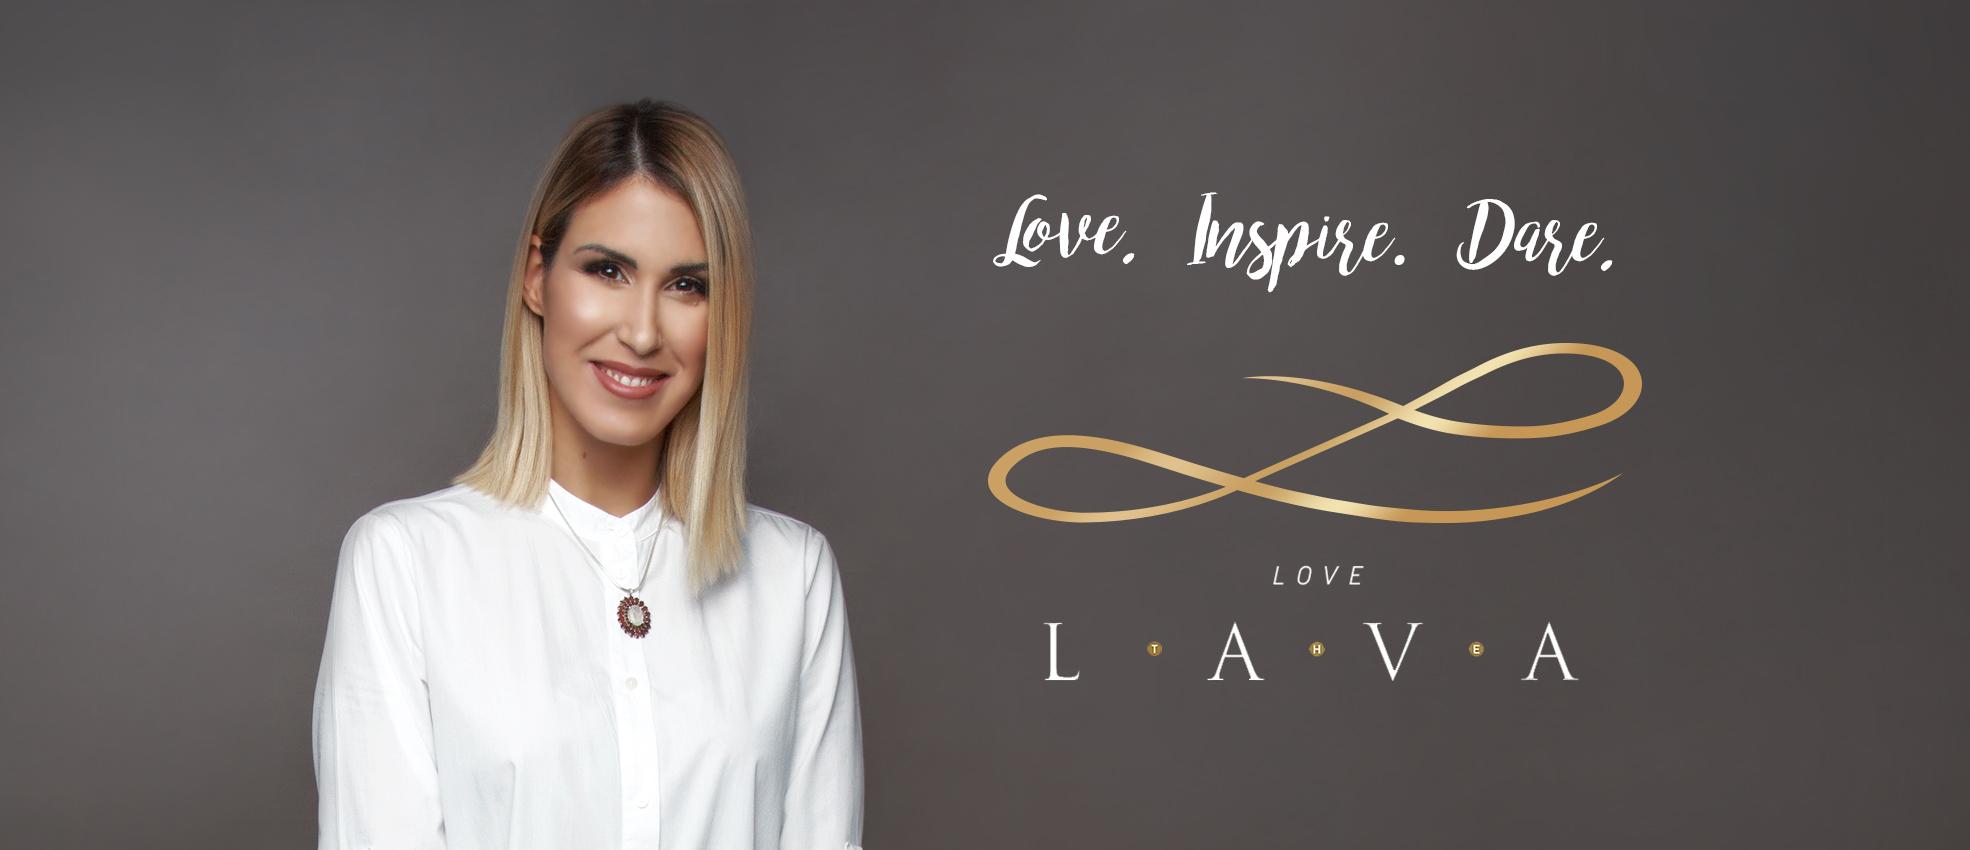 LoveTheLava